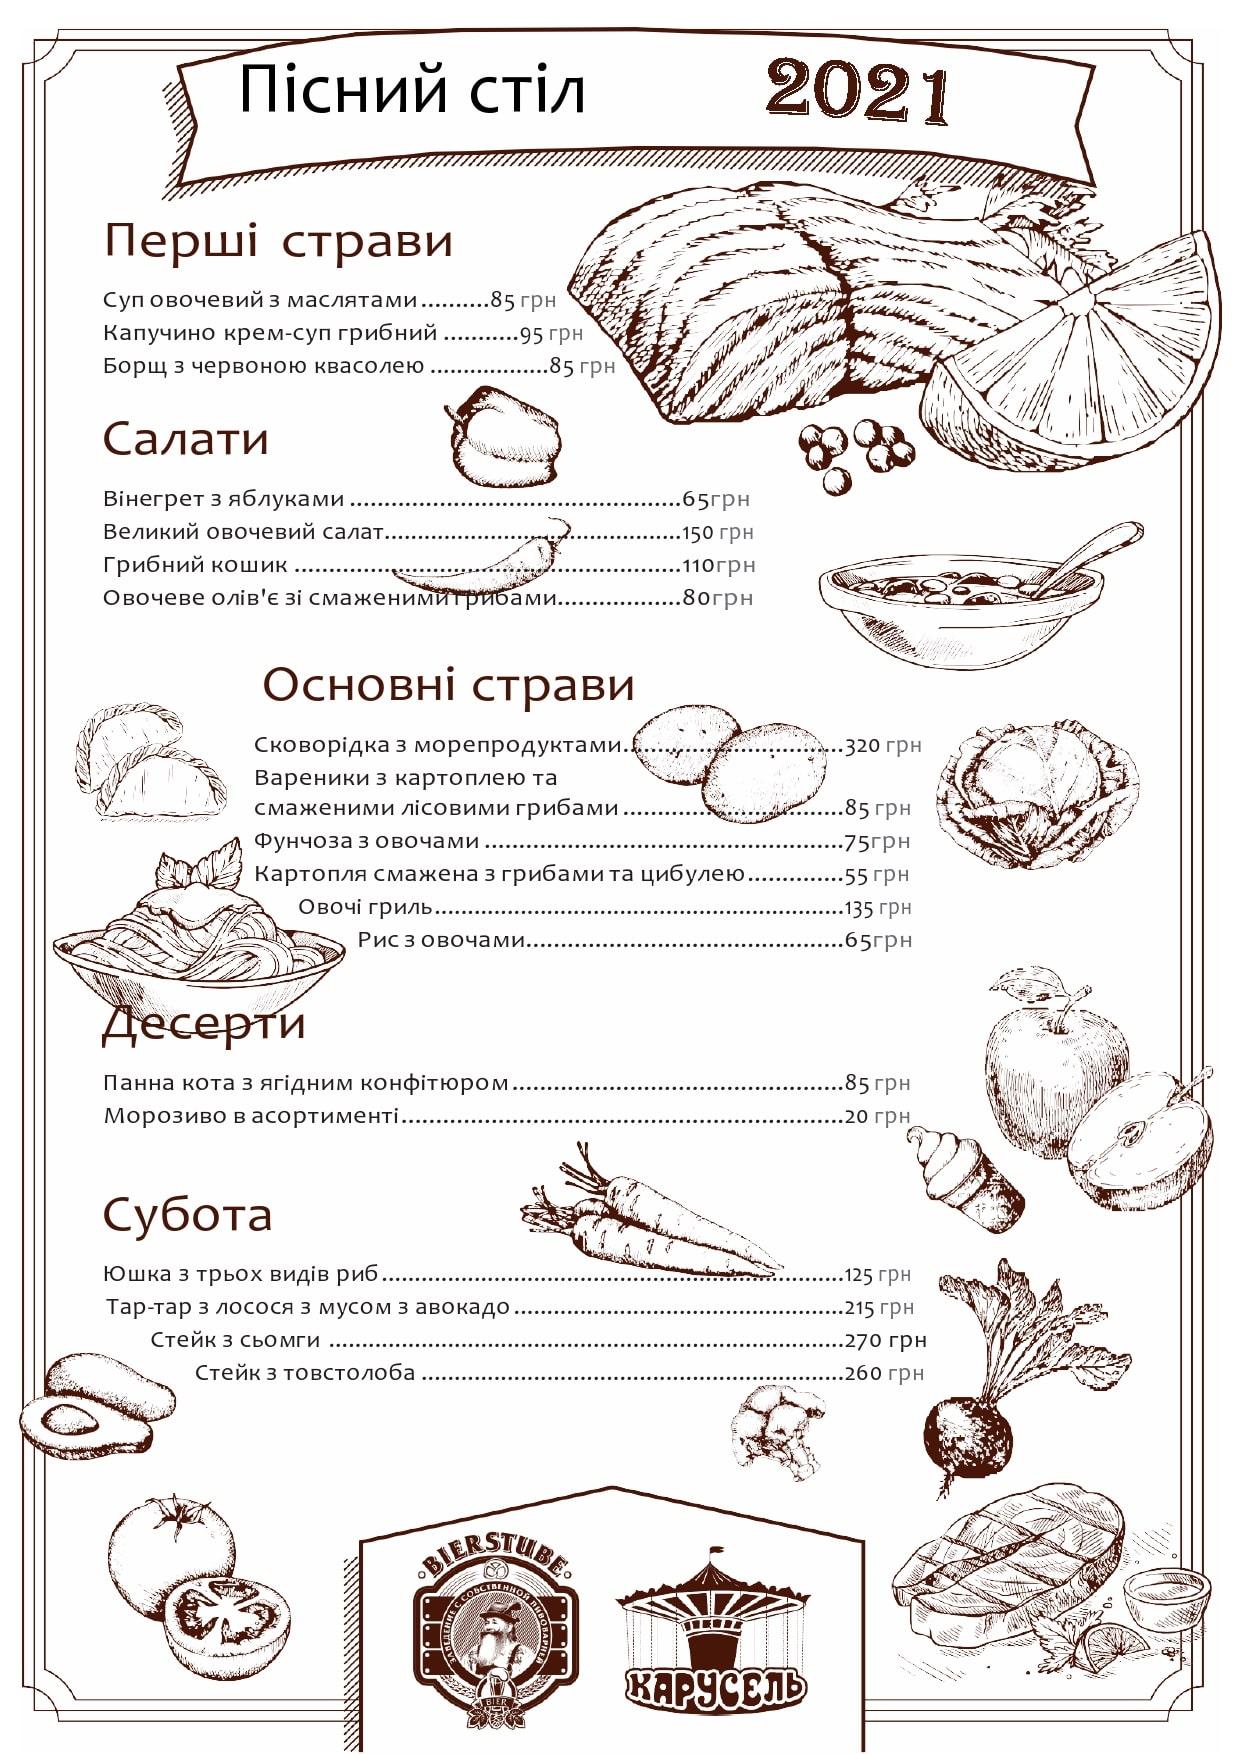 постное меню днепр 2021